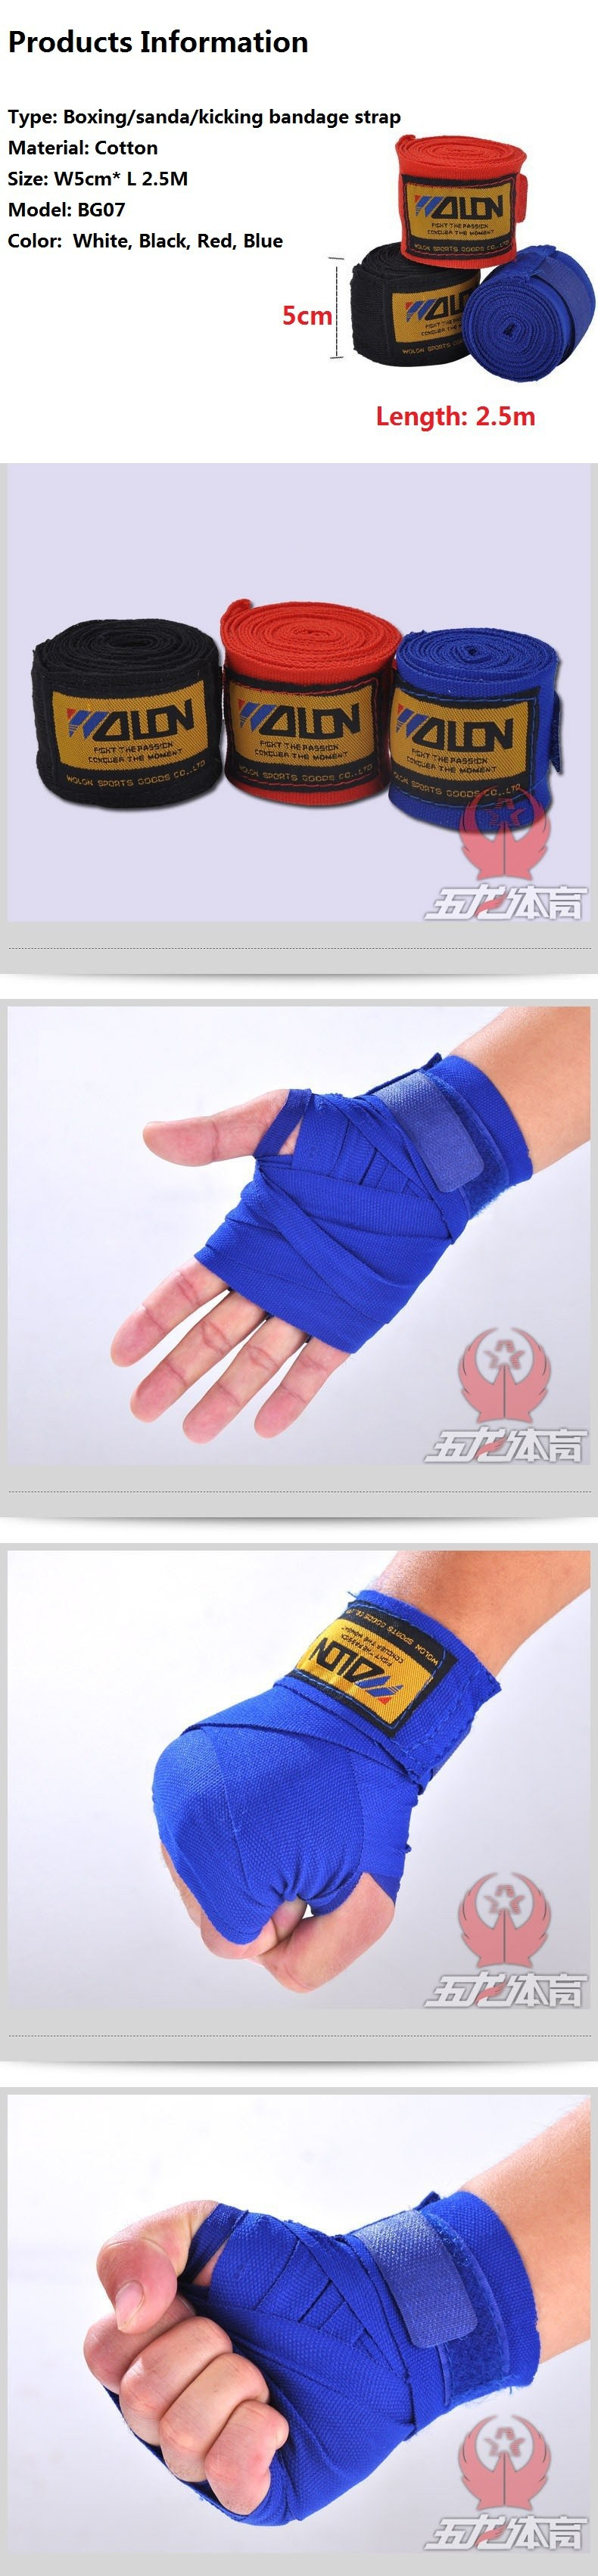 Ataduras Boxe Mão Alça De Proteção De Pulso Wraps comprimento 3 Metros//5 metros Novo 34